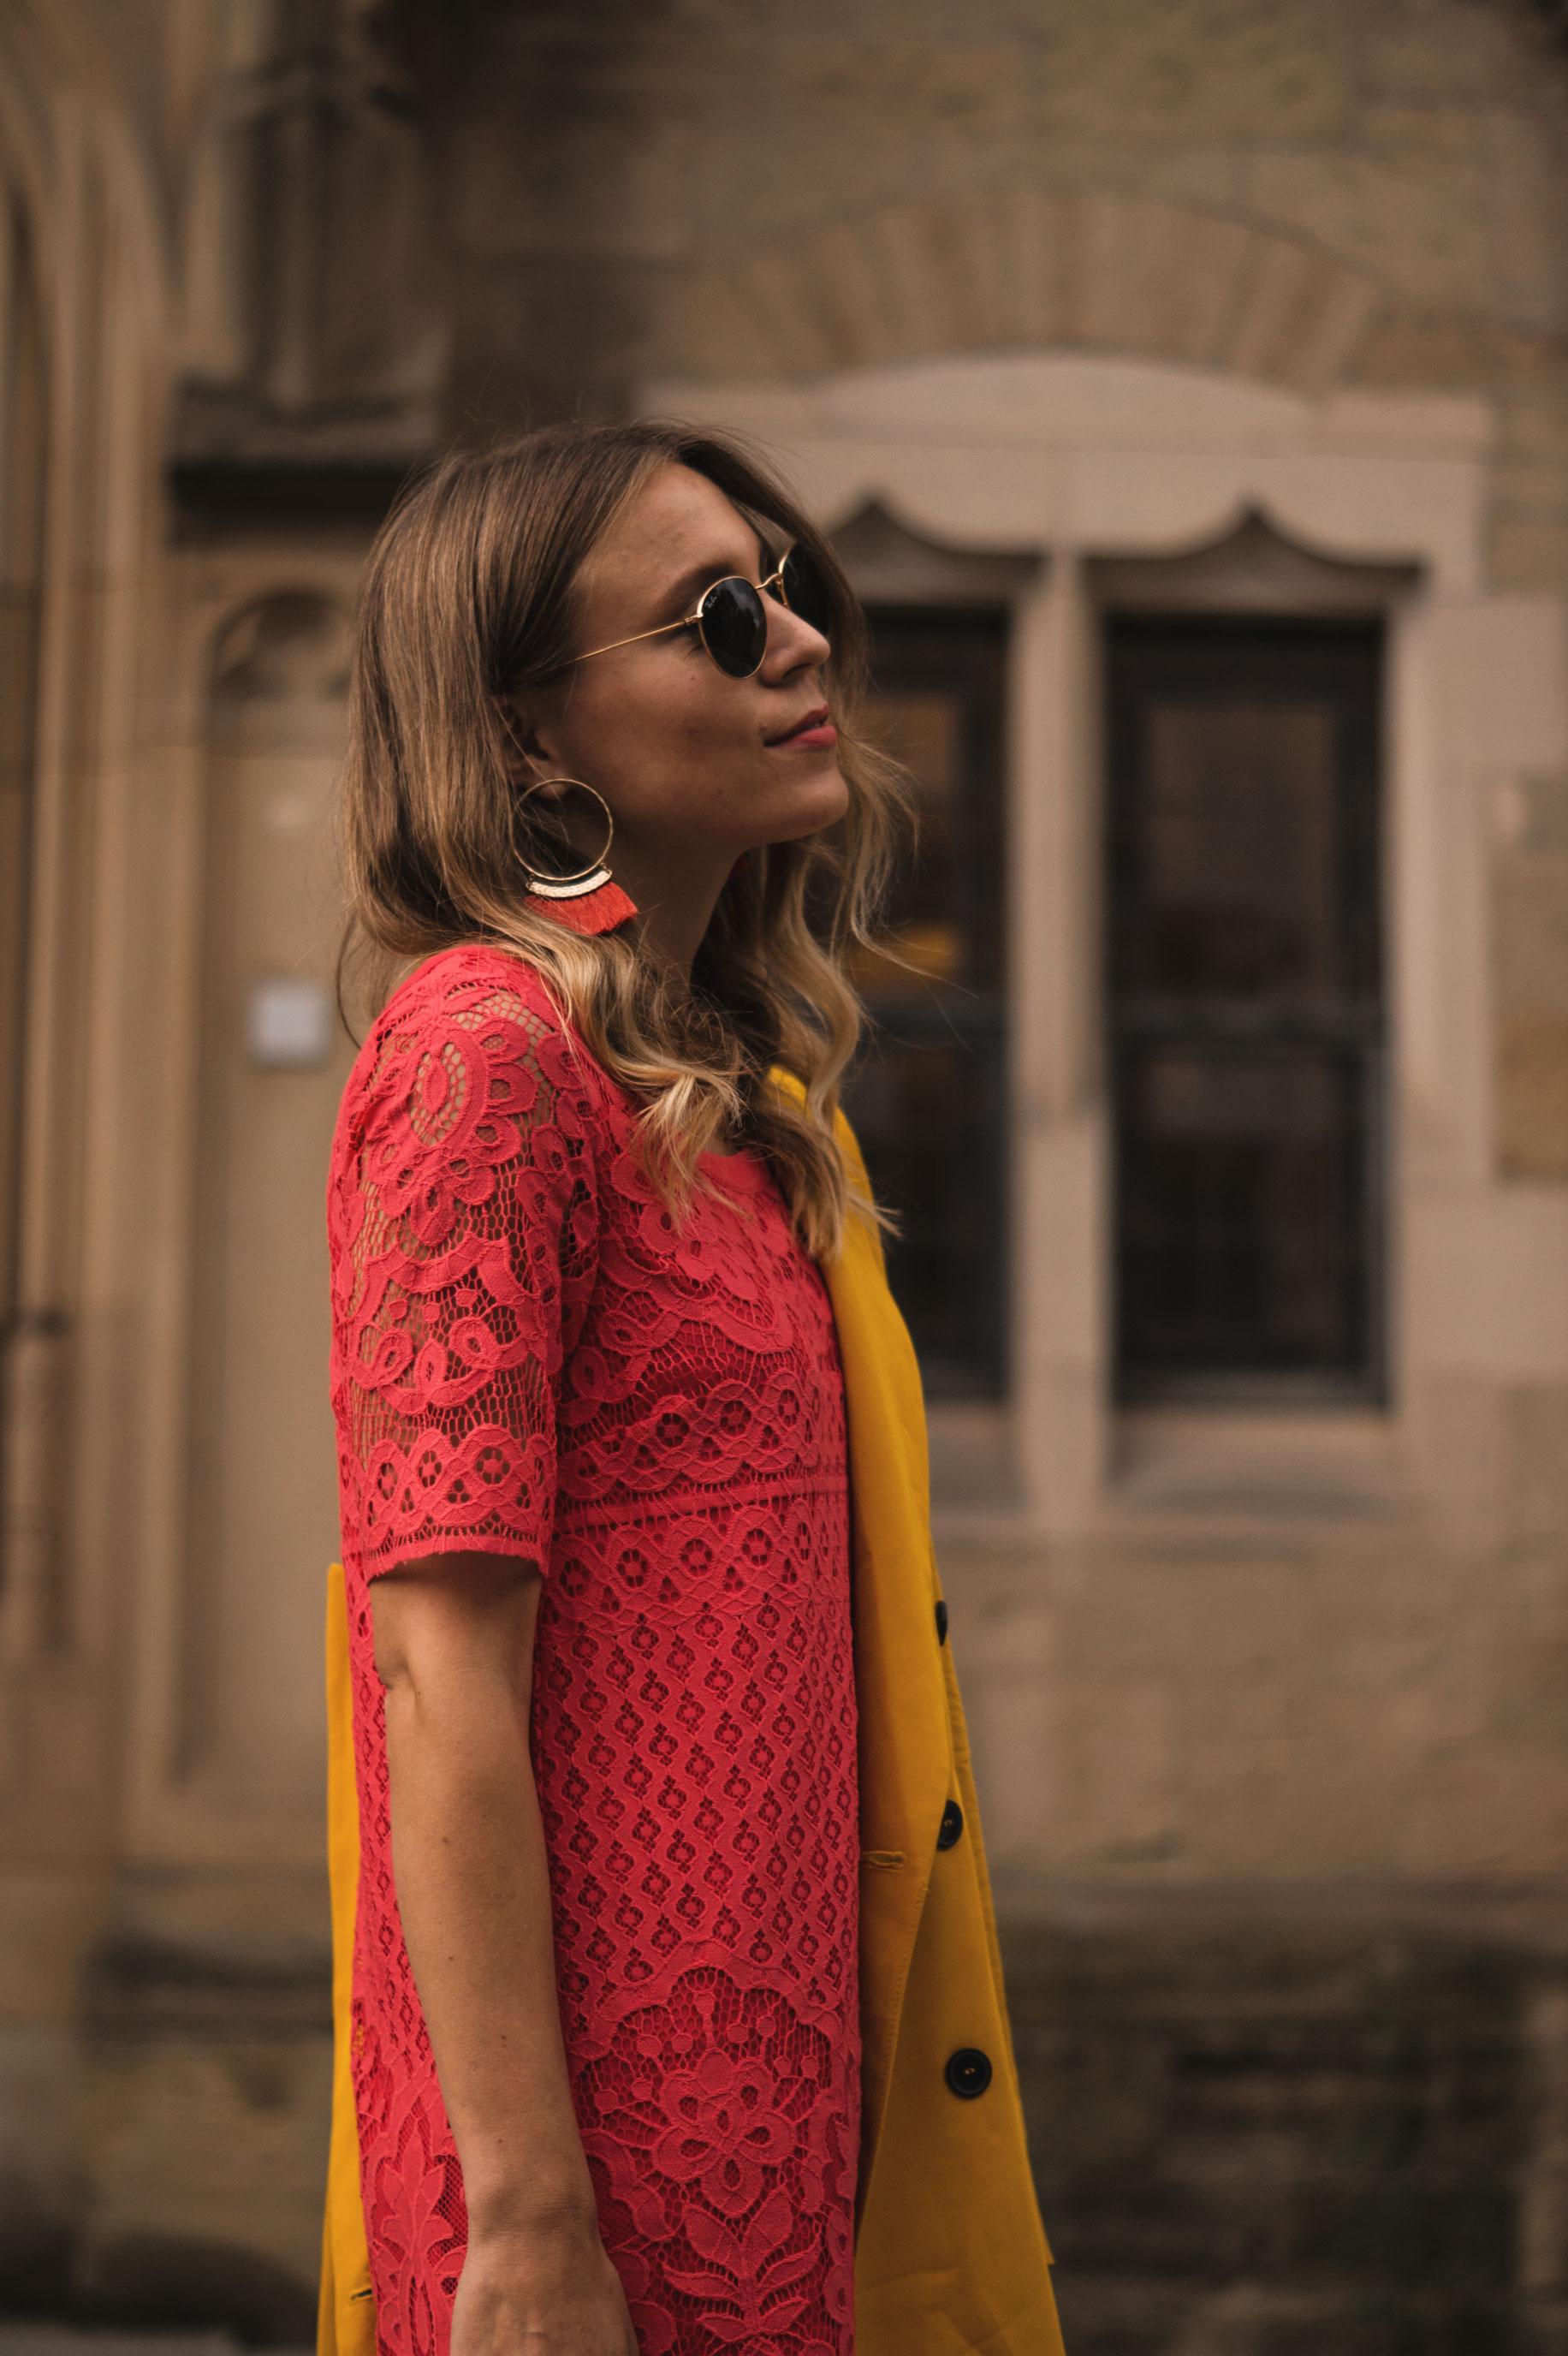 Modeblog Sariety Riani Dress Fashion Week Berlin Spitzenkleid gelber Blazer yellow Jacket Fiesta Rianista Color Blocking Fashionblogger_6